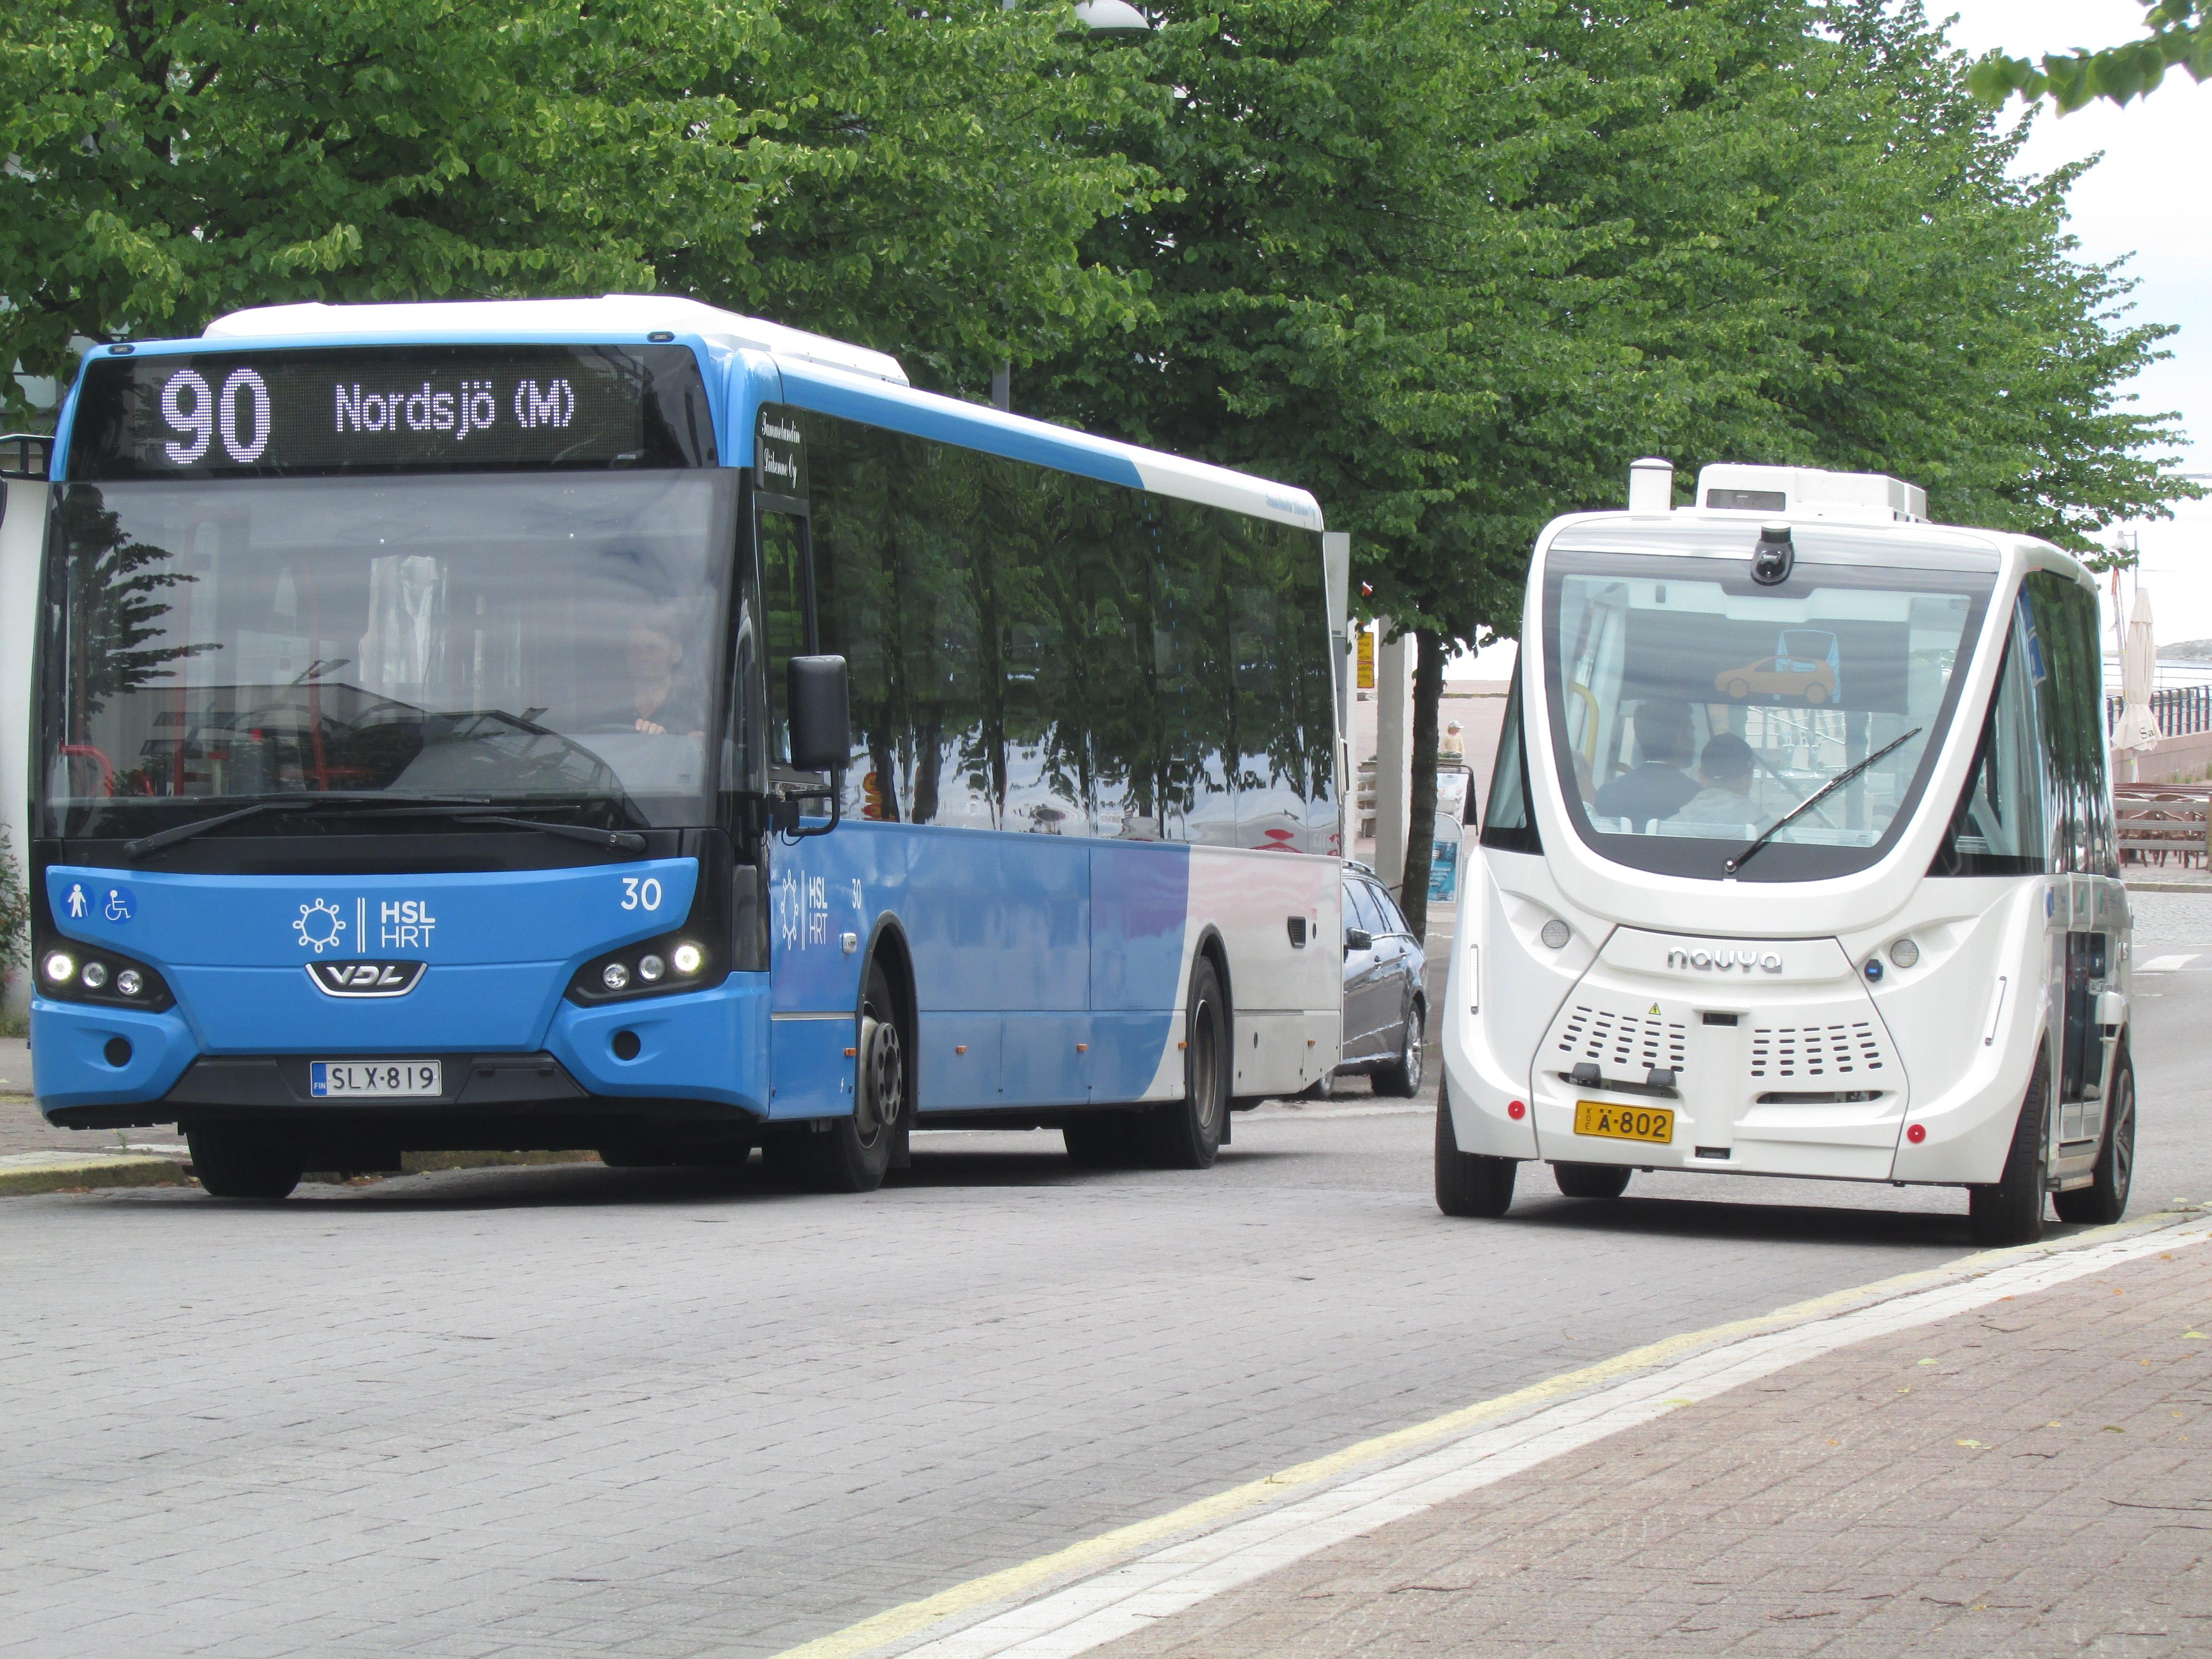 Perinteinen bussi ja vierellä moderni tietokoneohjattu minibussi.